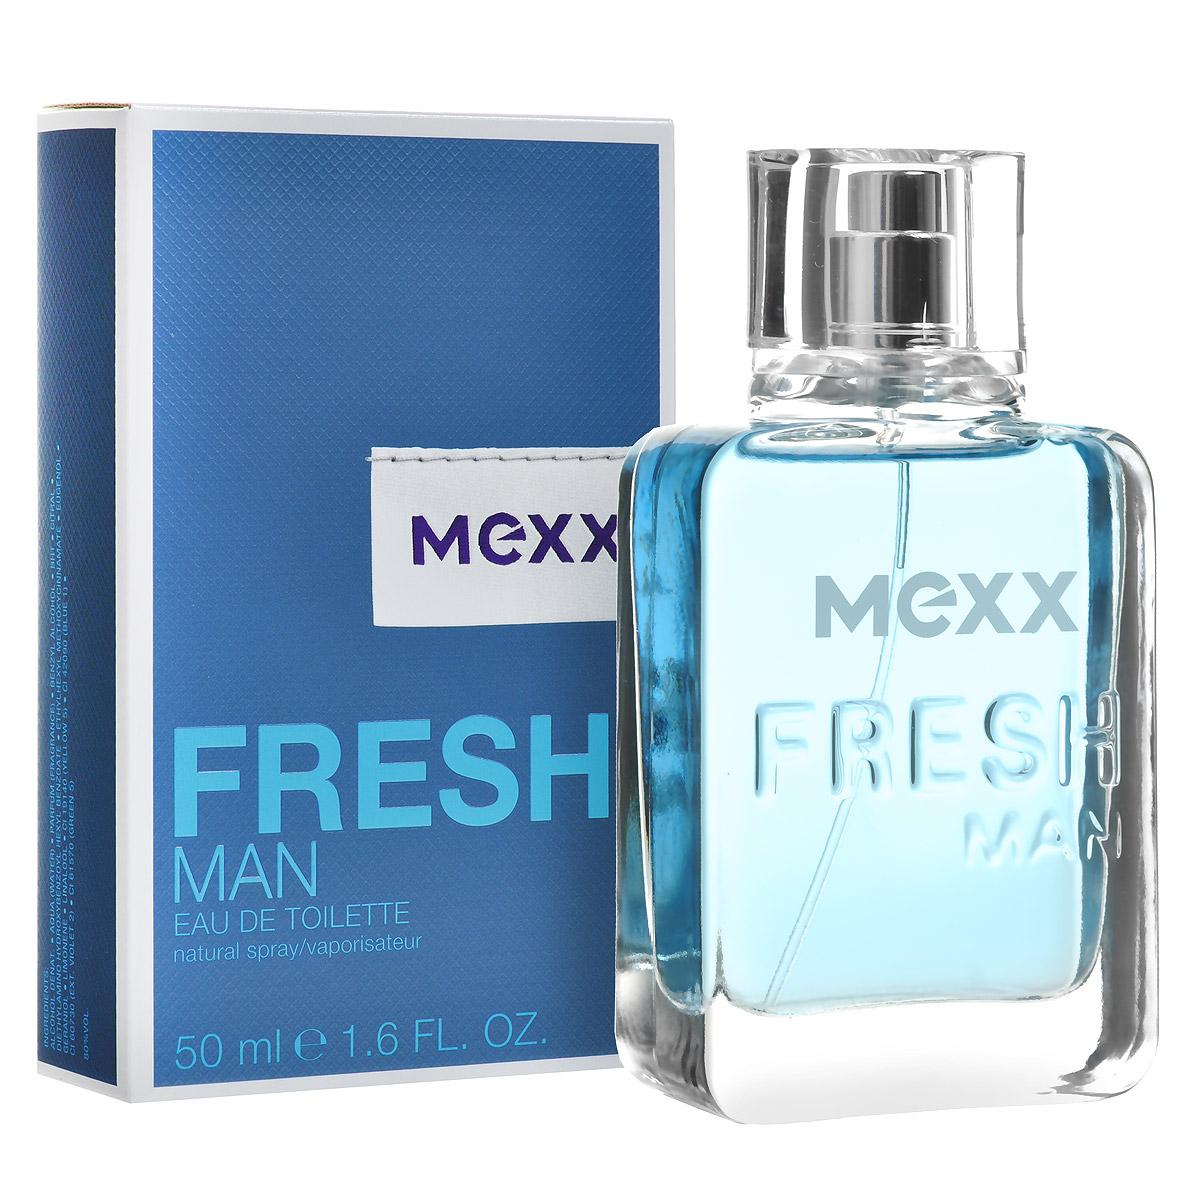 Mexx Туалетная вода Fresh Man, 50 мл0737052682235Мужской древесный водный парфюм Fresh Man создан голландским модным домом Mexx в 2011 году. Этот оригинальный, экзотический, слегка зеленый, чуть фруктовый, немного сливочный, выразительный, легкий, чистый, бодрящий древесный аромат с нотами амбры от Mexx напоминает свежий морской бриз, он придаст энергии, зарядит оптимизмом и подарит хорошее настроение на весь день. В букет композиции Fresh Man входит маракуя, зеленый кориандр, мускатный орех и амбра. Парфюм подходит для использования в качестве дневного аромата, лучше всего раскрывается в теплую весеннюю и летнюю погоду. Верхняя нота: Маракуя. Средняя нота: зеленый кориандр, мускатный орех. Шлейф: Амбра. Теплый, манящий мускатный орех и кориандр придают сердцу аромата мягкость и зрелость, а нижняя нота представлена древесно-амбровым сочетанием, несущим прозрачность, легкость и свет. Дневной и вечерний аромат.Краткий гид по парфюмерии: виды, ноты, ароматы, советы по выбору. Статья OZON Гид